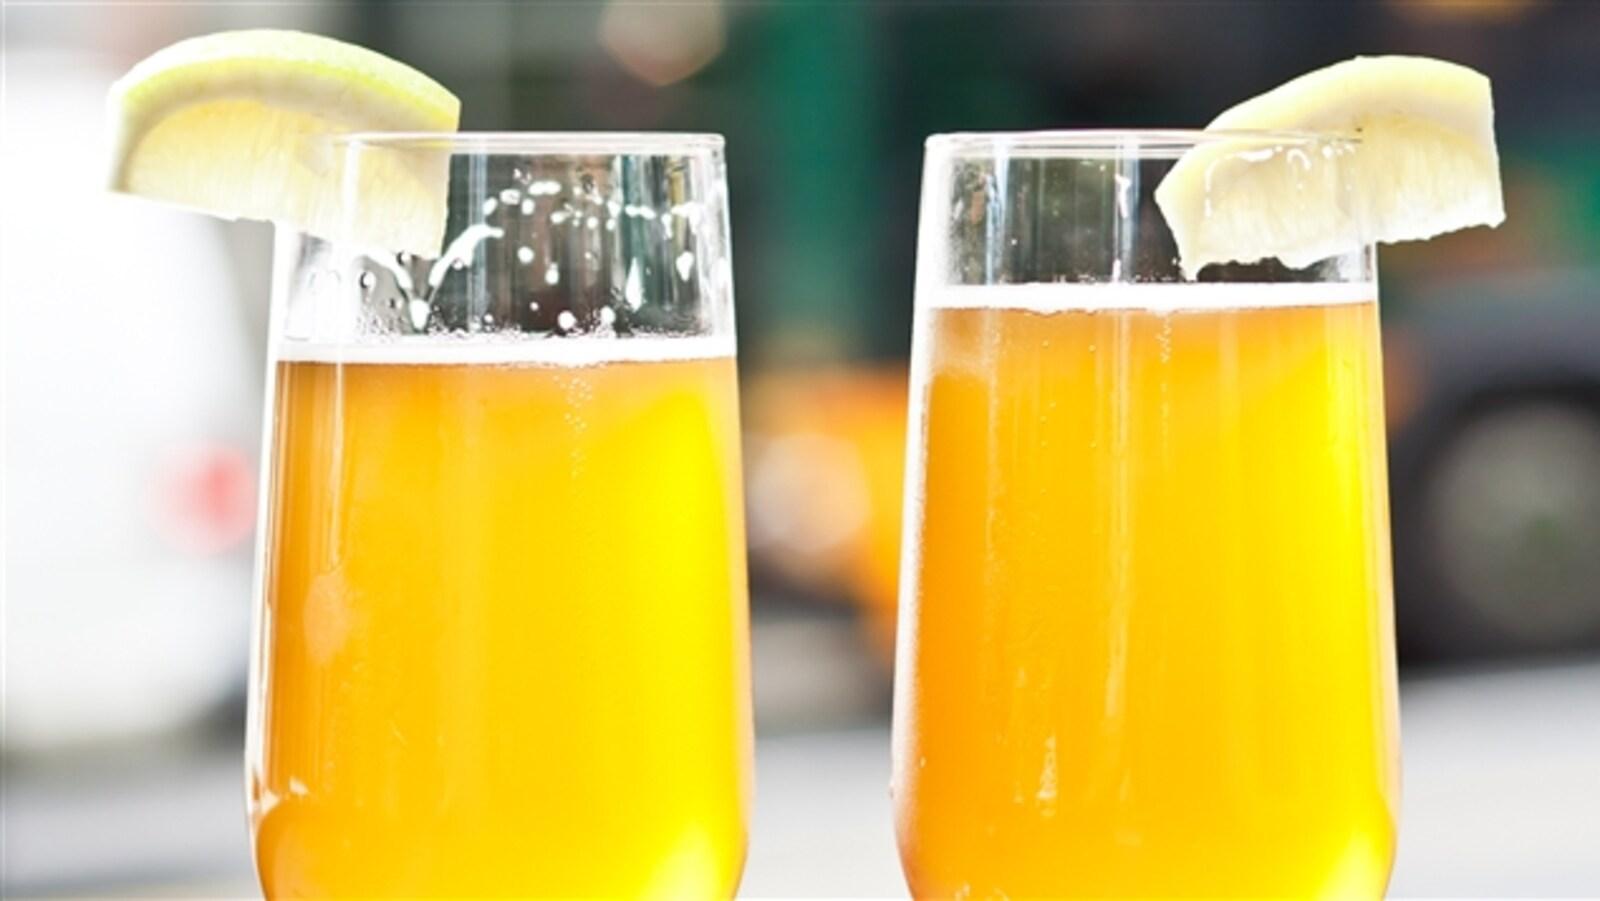 Des verres remplis de bières accompagnés de tranches de citron.